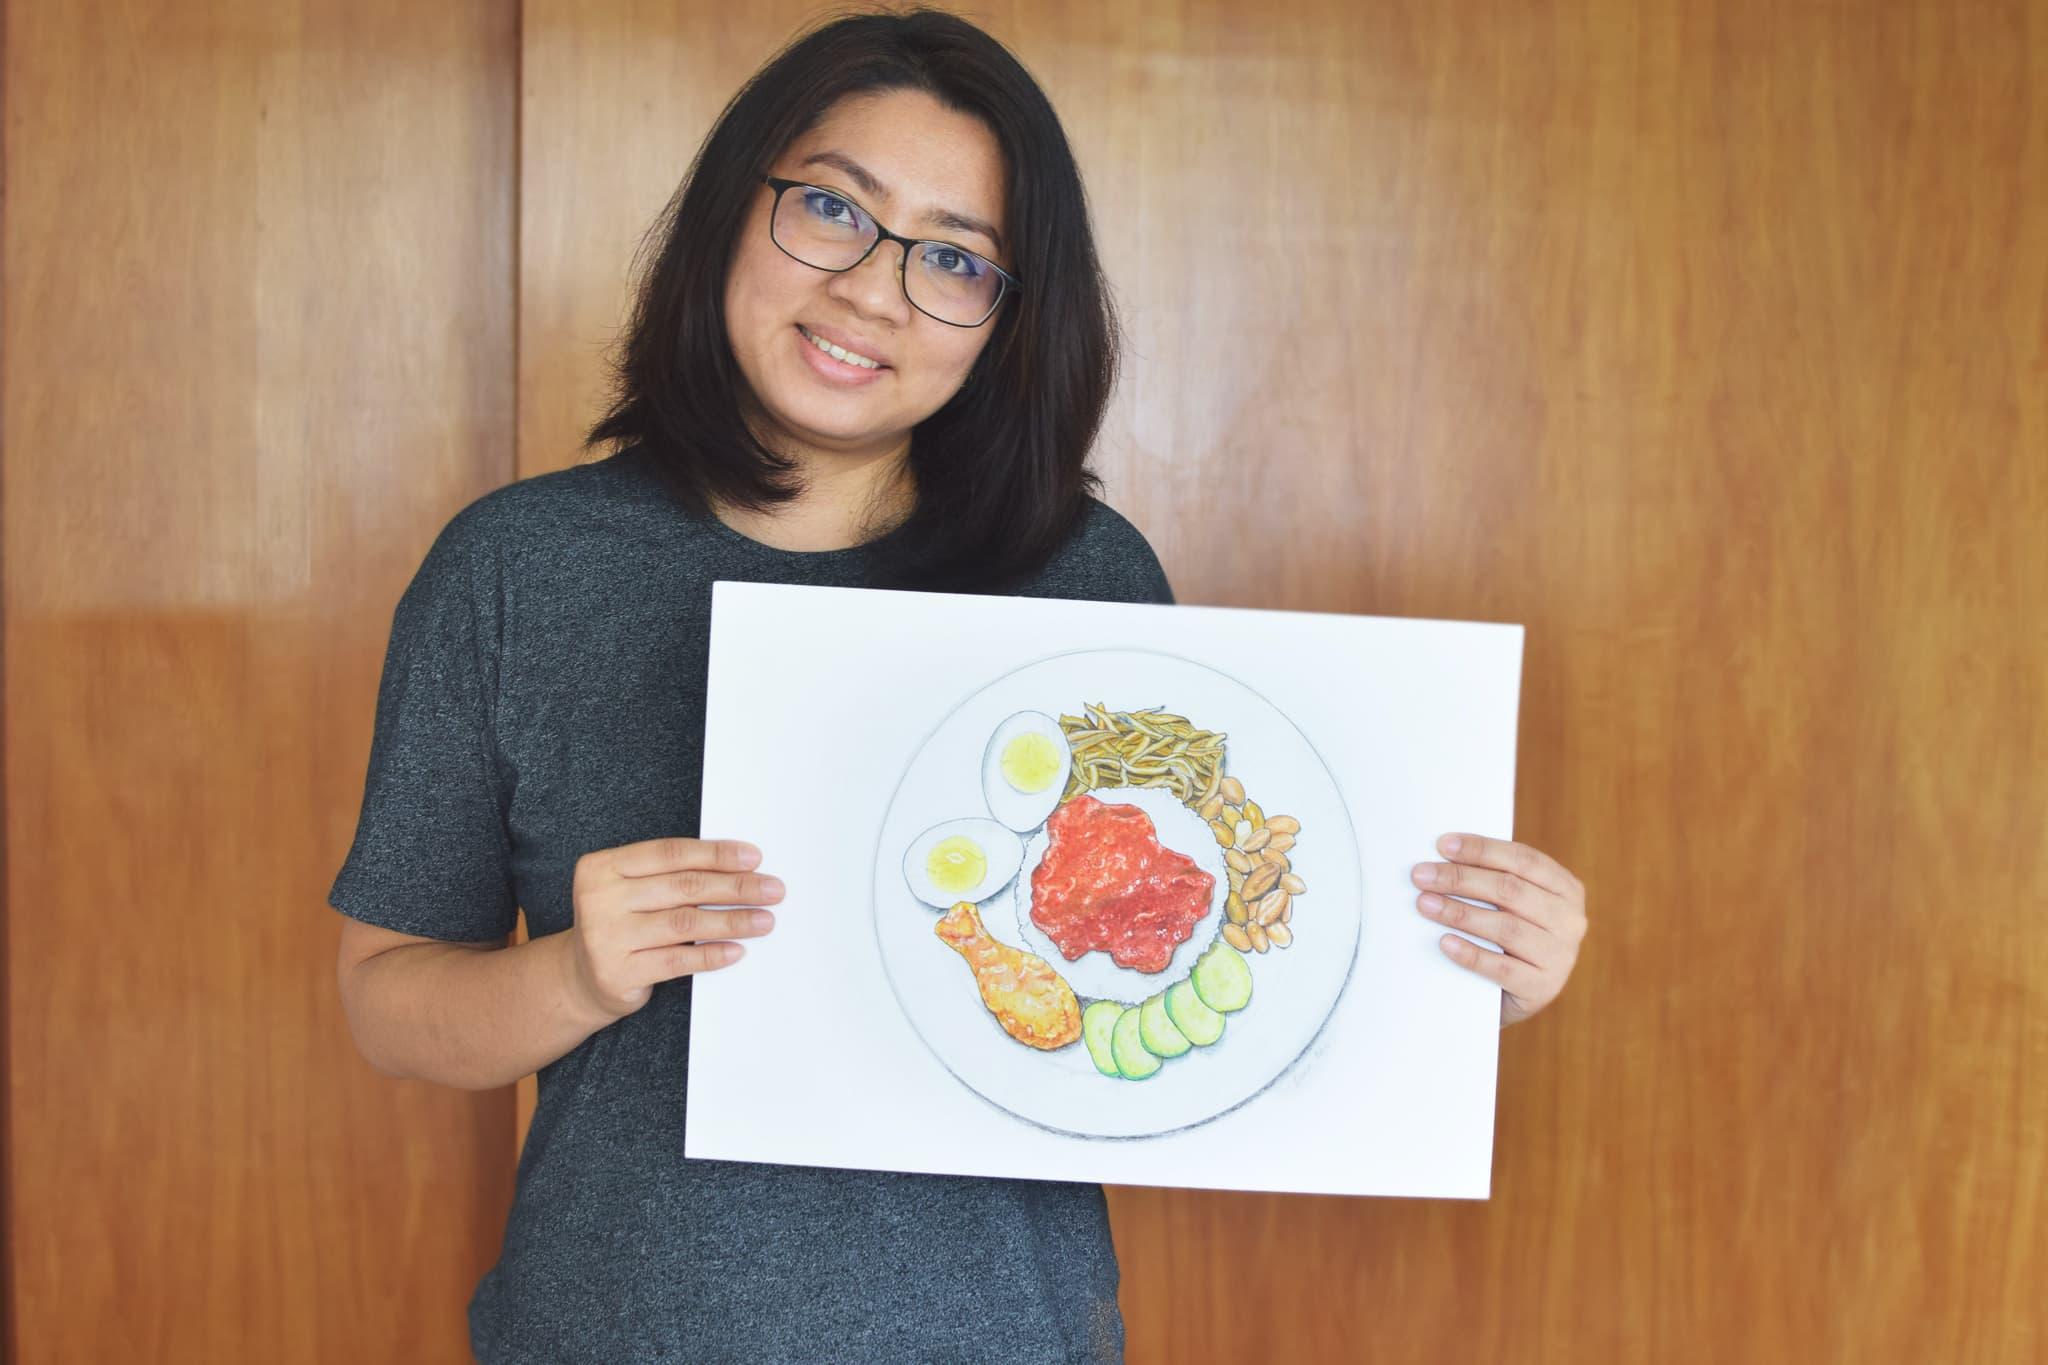 Bridging People Through Food Art